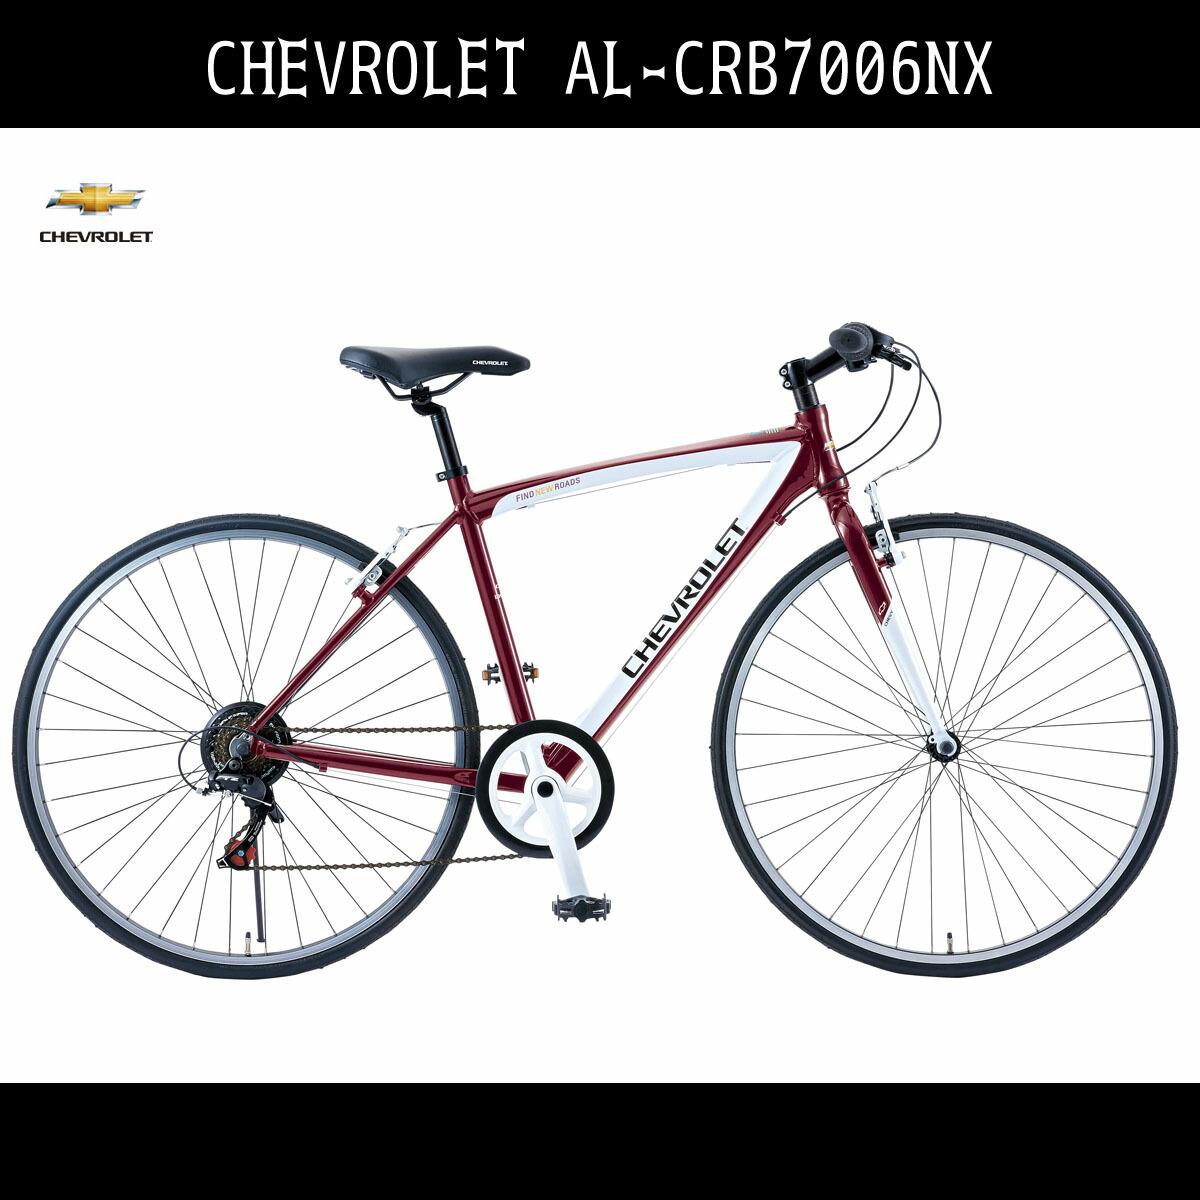 クロスバイク シボレー 自転車 レッド/赤700c クロスバイク 外装6段変速ギア 軽量 アルミニウム デザインフレーム CHEVROLET CHEVY シェビー シボレー AL-CRB7006NX アルミニウム